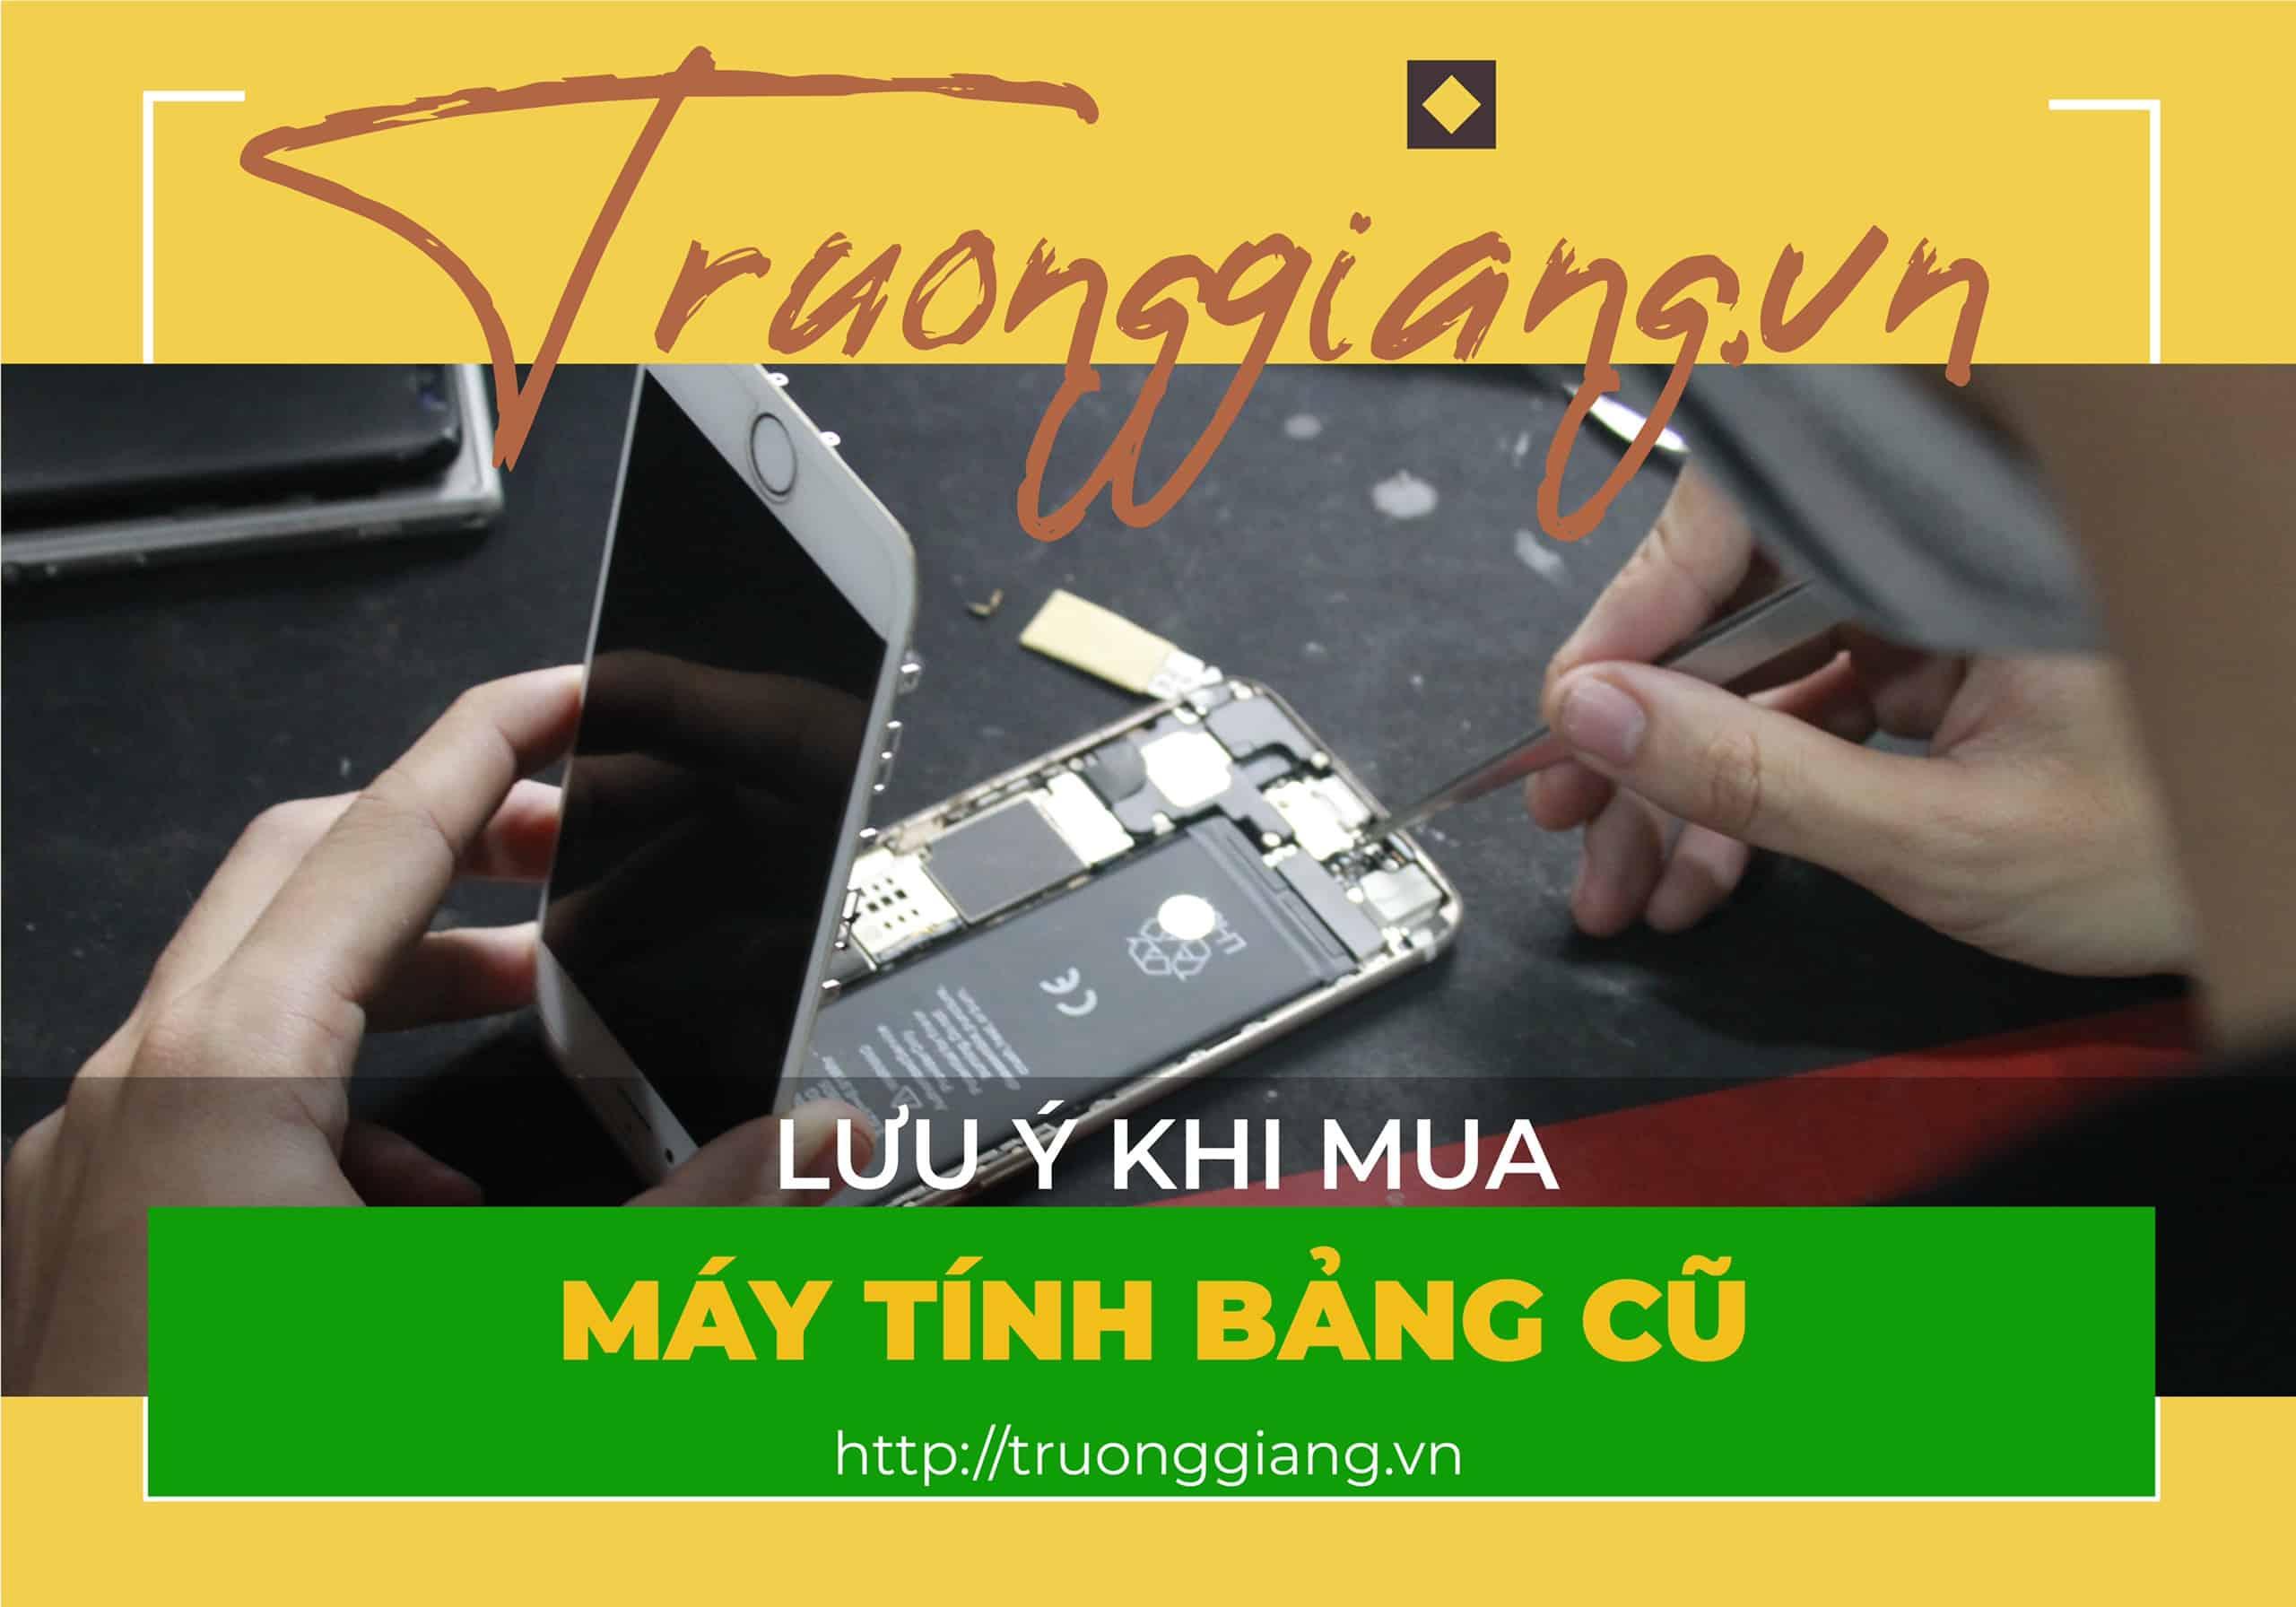 Lưu ý khi mua máy tính bảng cũ tại Đà Nẵng